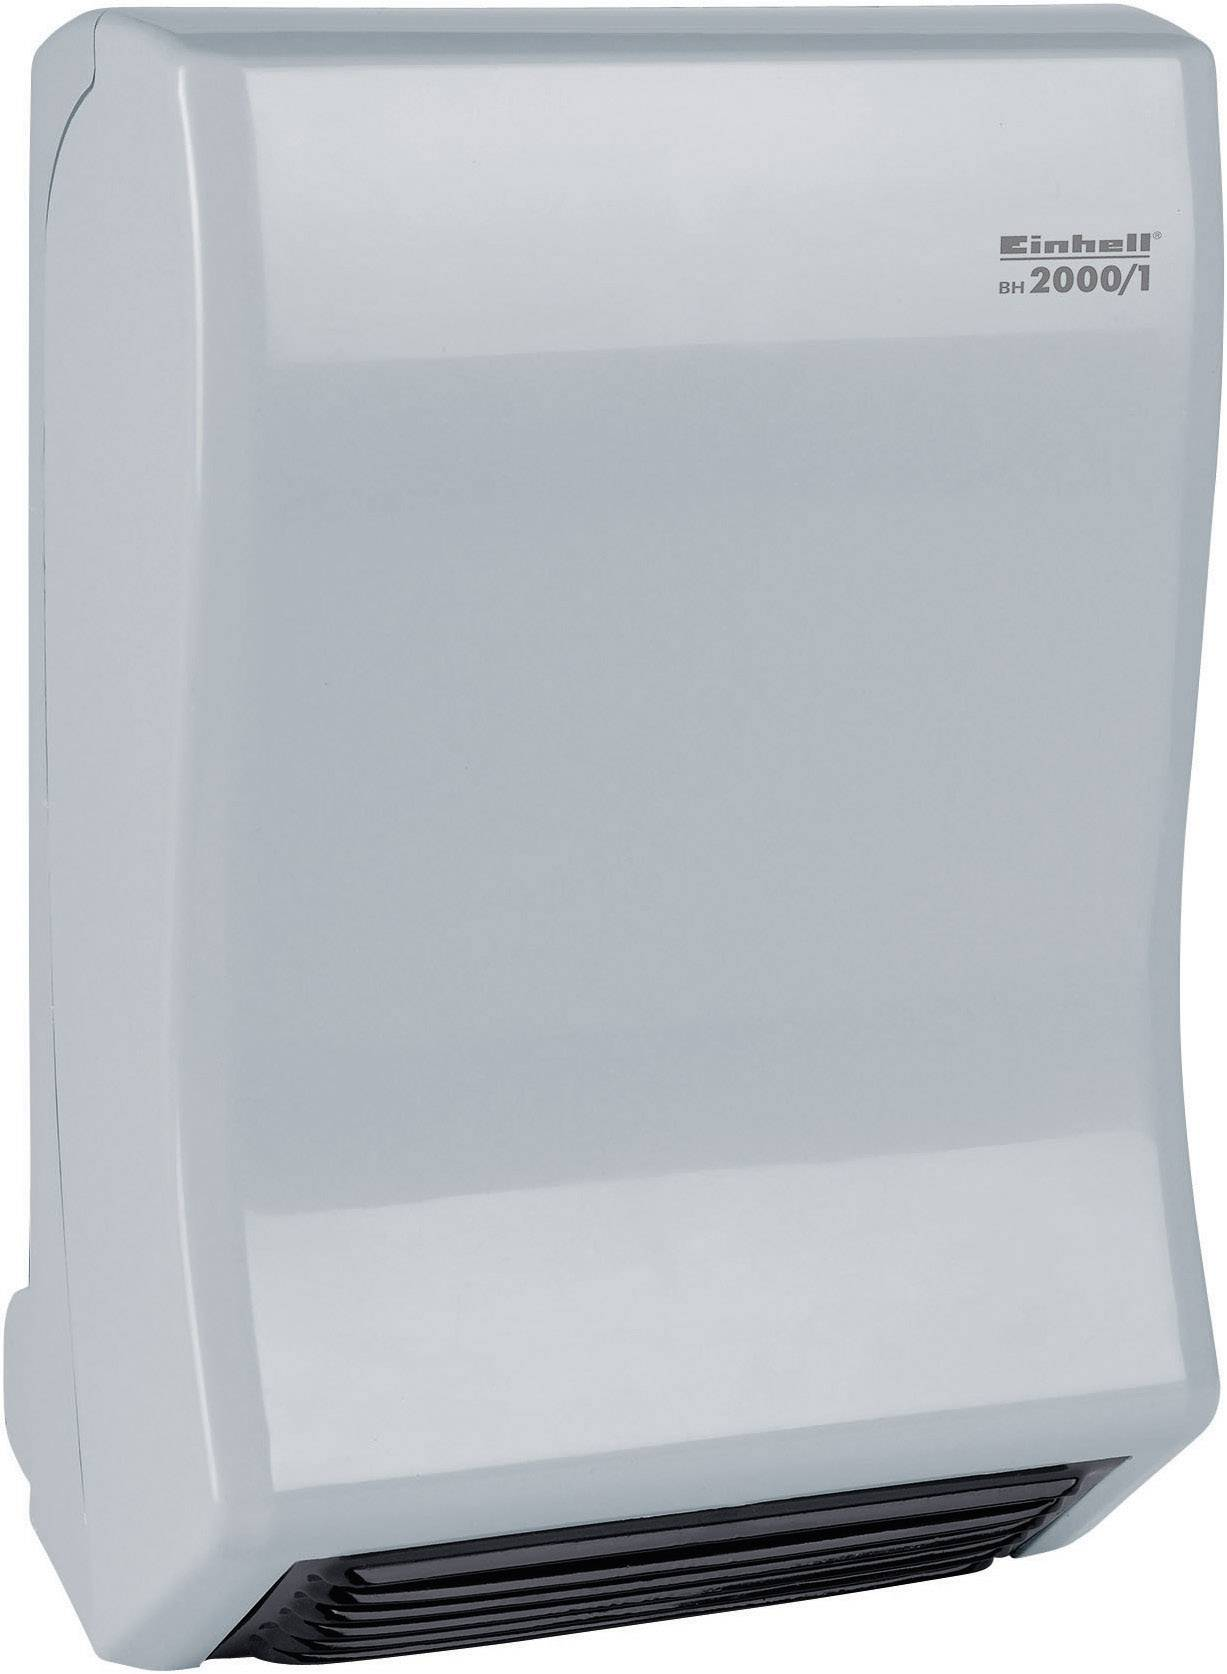 Koupelnový rychloohřívač Einhell BH 2000/1, 2000 W, IP24, bílá